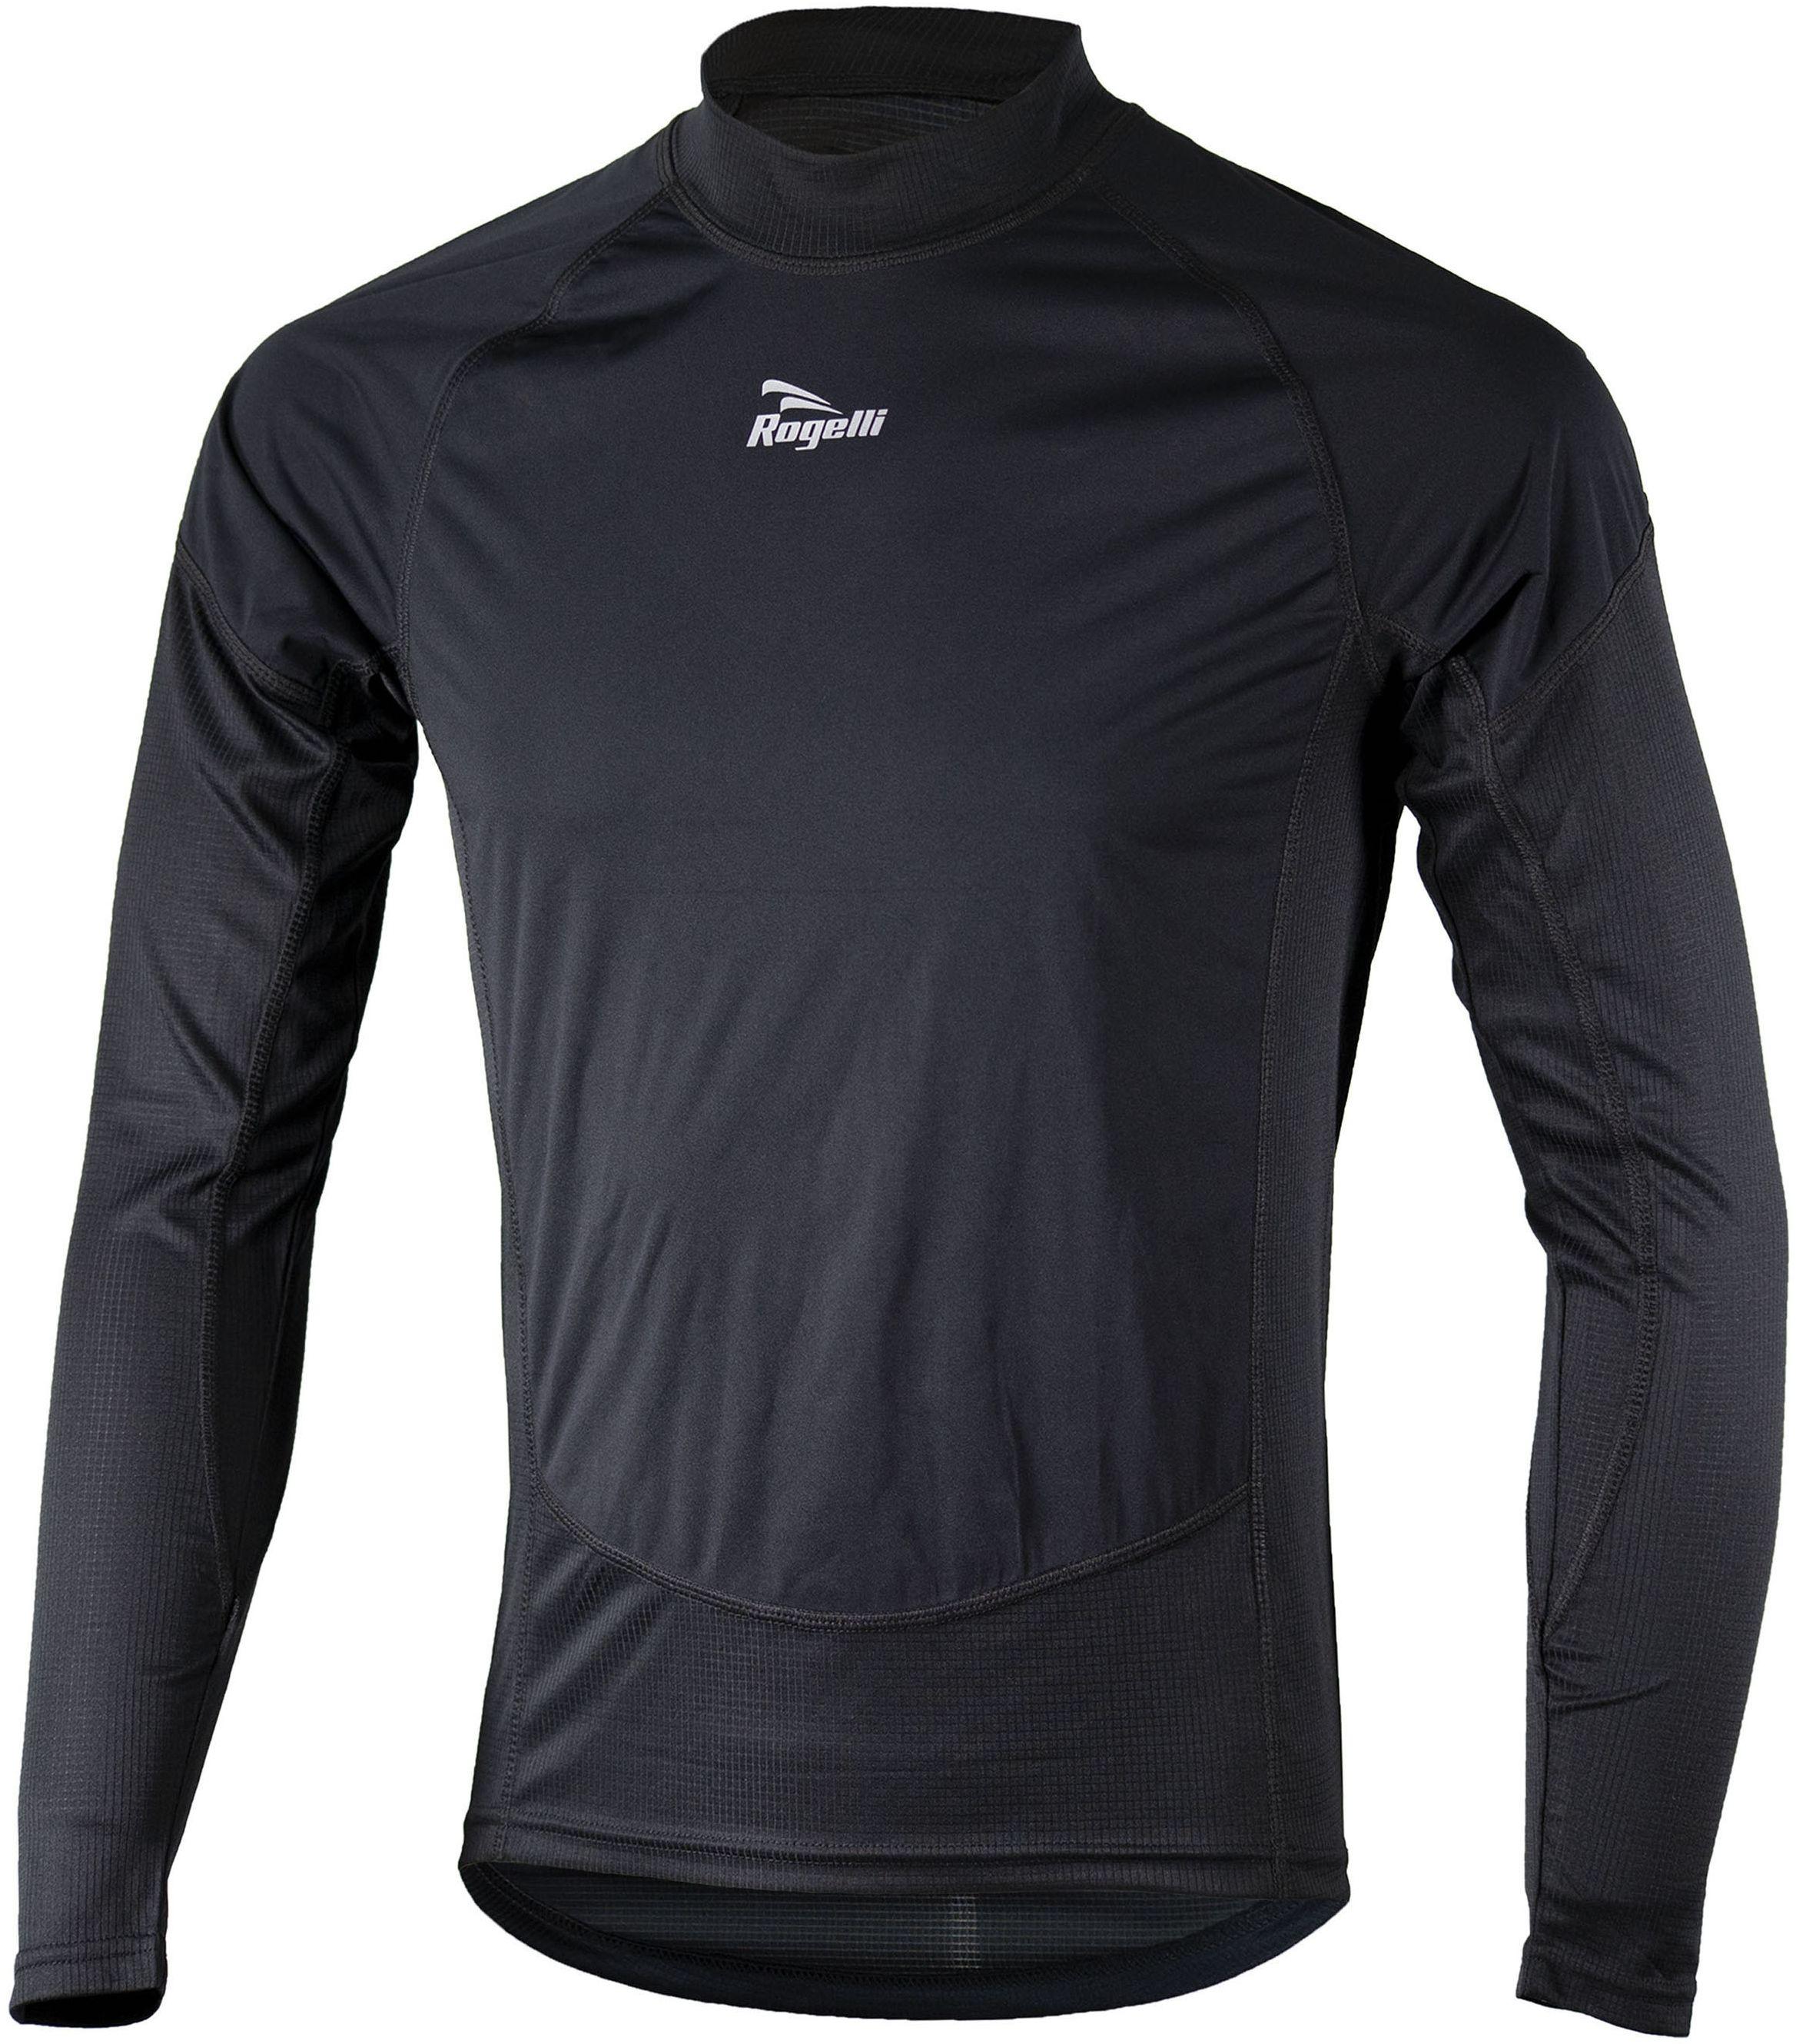 ROGELLI bielizna męska koszulka z panelami NO-WIND 070.025 Rozmiar: XL,rog-no-wind-black